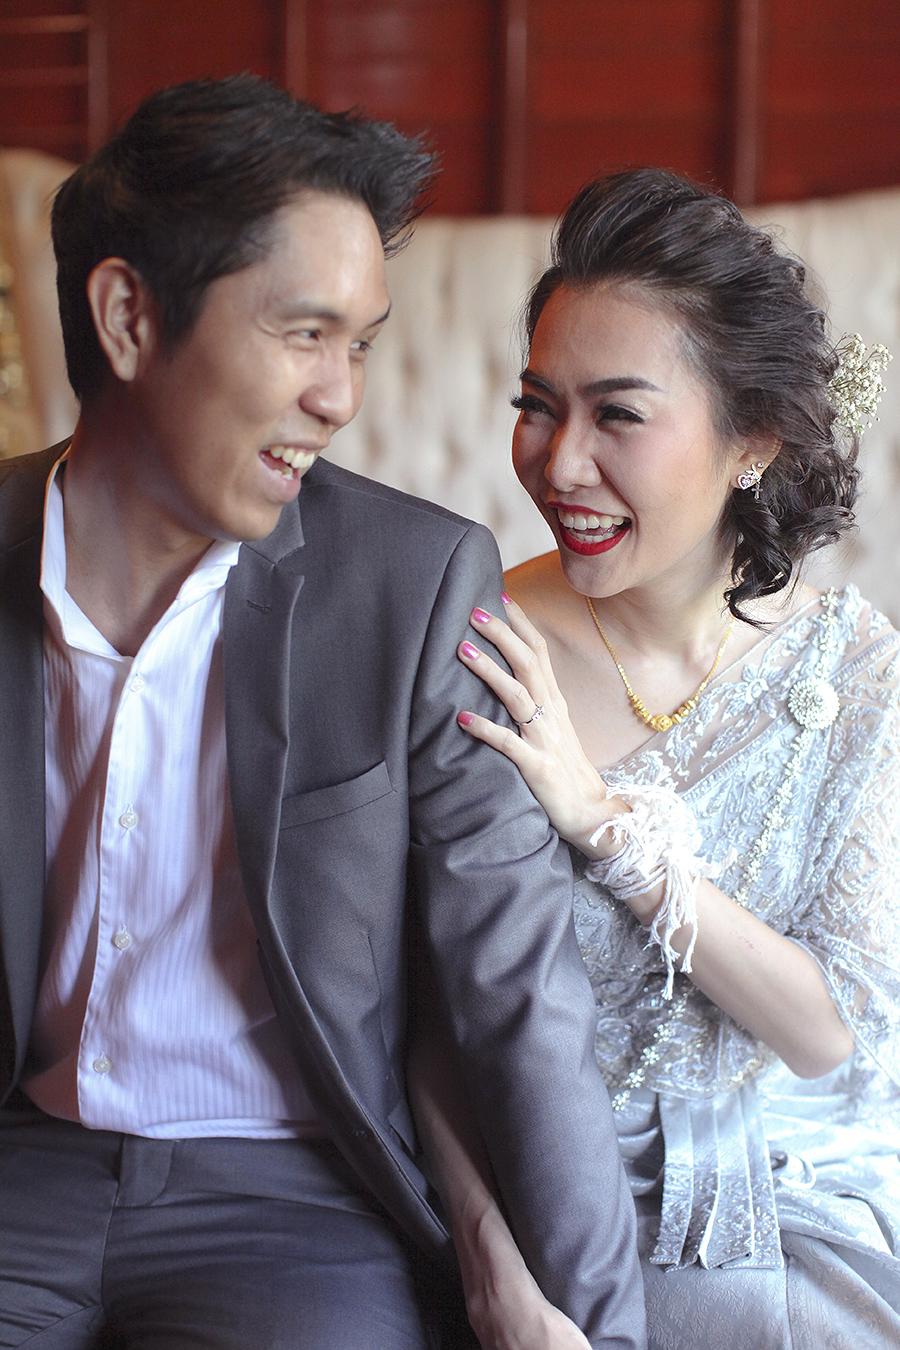 bangkok thailand wedding photography by kurt ahs . ruj+tai . 6287.jpg